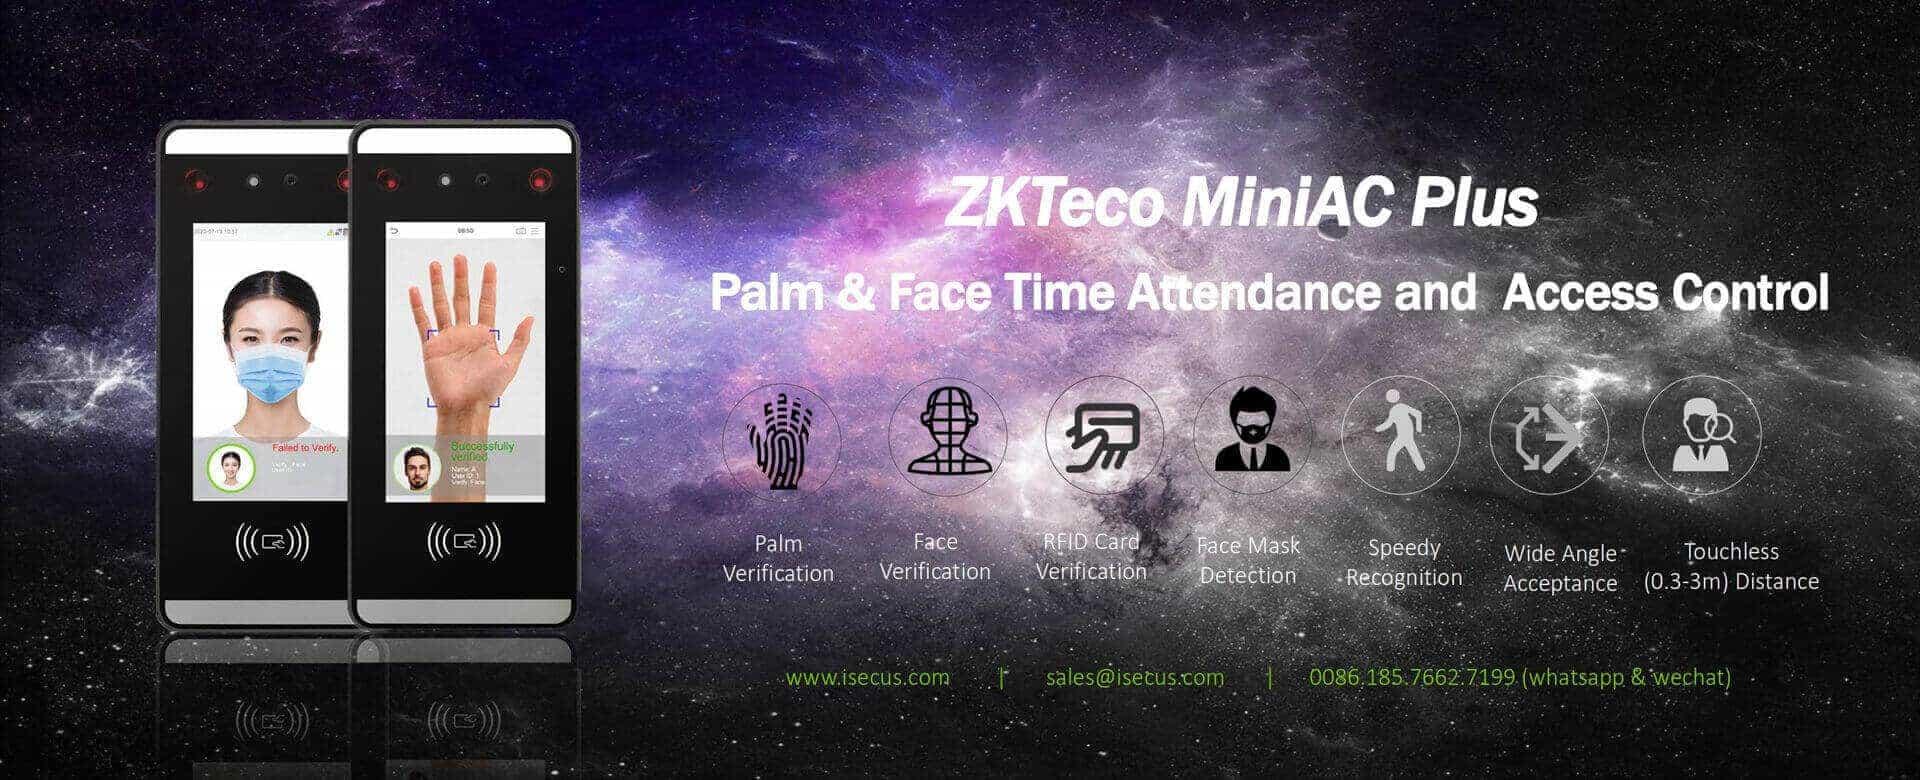 ZKTeco MiniAC Plus Banner-www.isecus.com